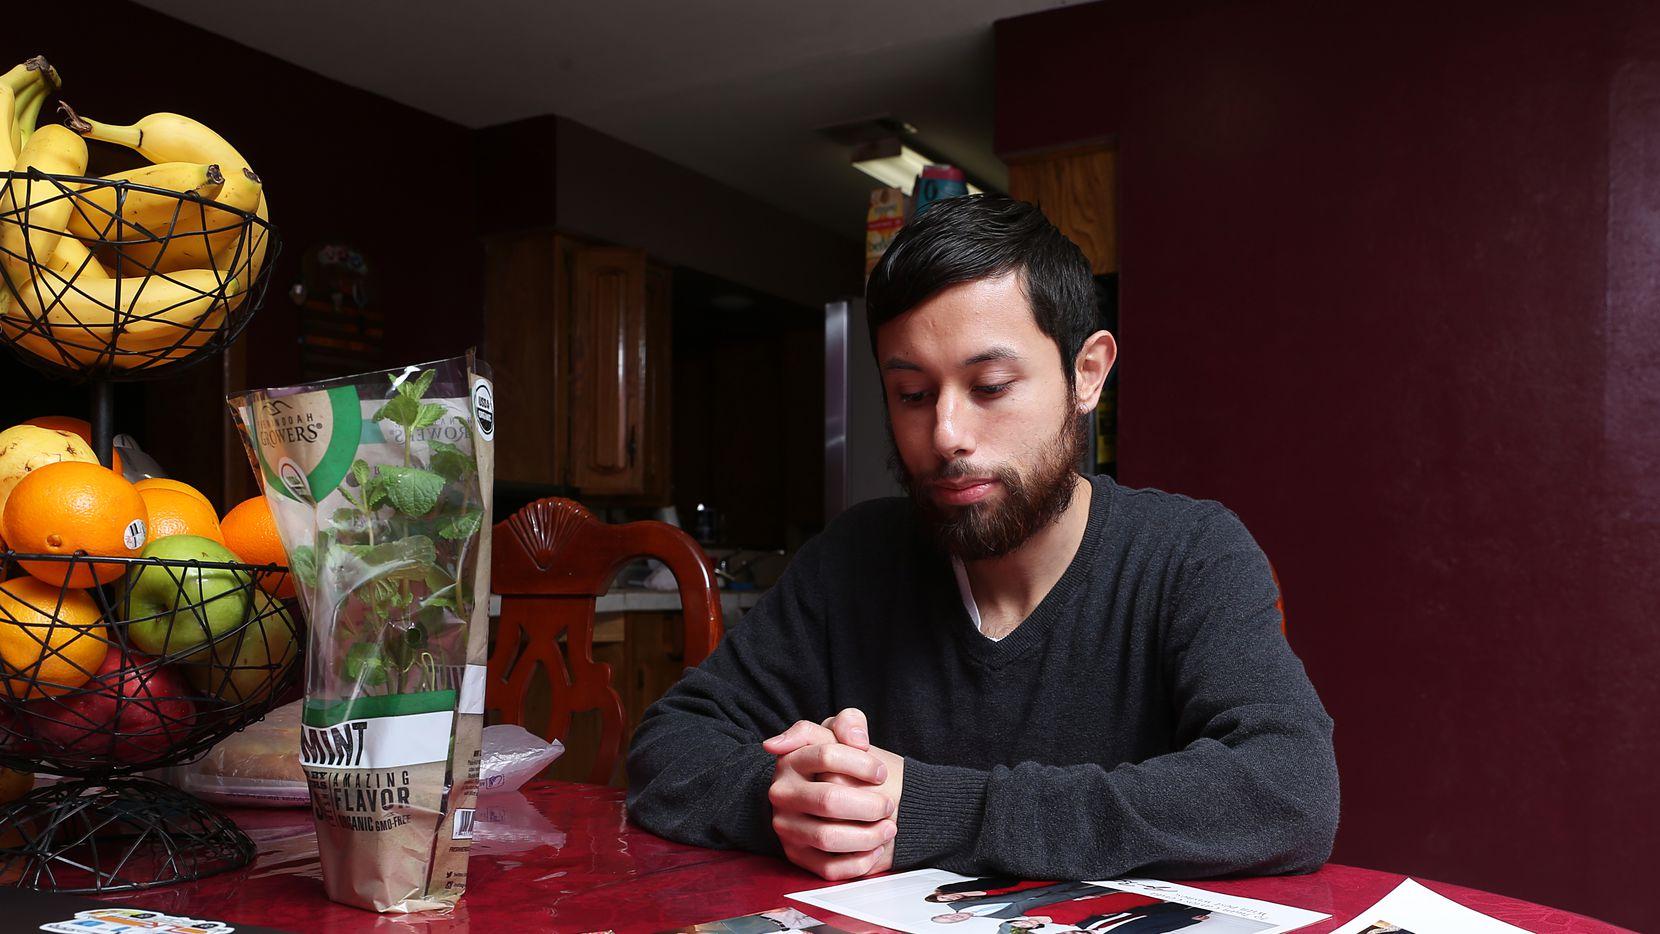 Juan Carlos Cerda, 28, tuvo que buscar otras formas de financiamiento para poder comprar su casa debido a que su banco consideró que su estatus DACA era muy inestable y no podían otorgarle un préstamo.